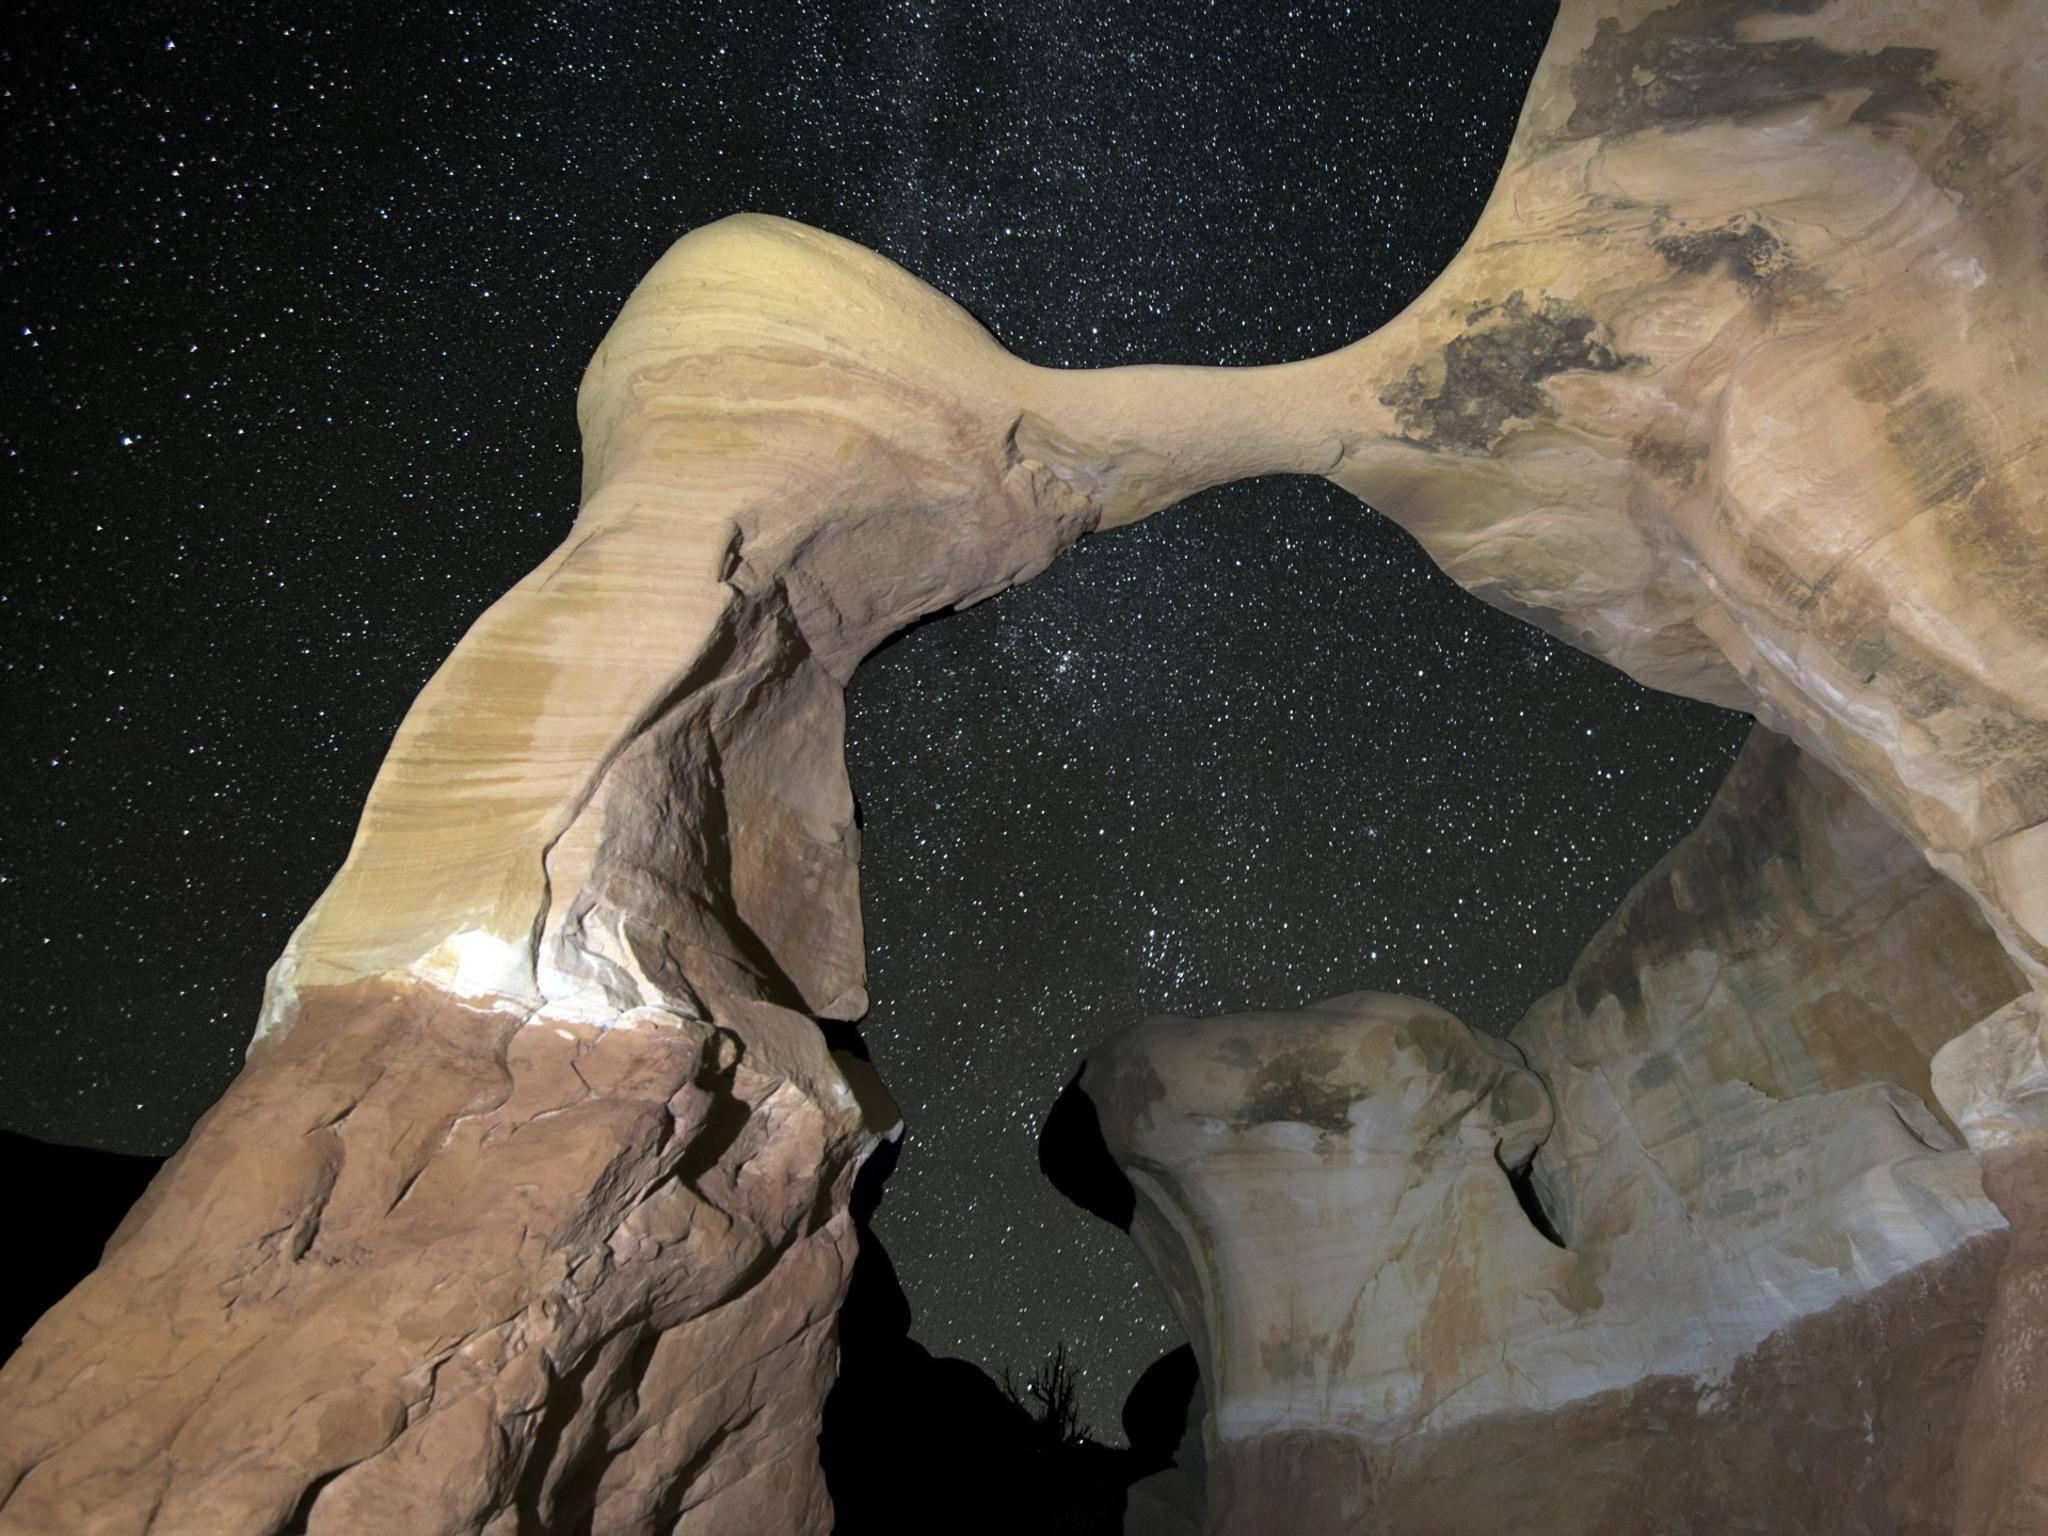 Mit hohen ISO-Werten und langer Belichtungszeit lässt sich bei fast vollständiger Dunkelheit fotografieren.